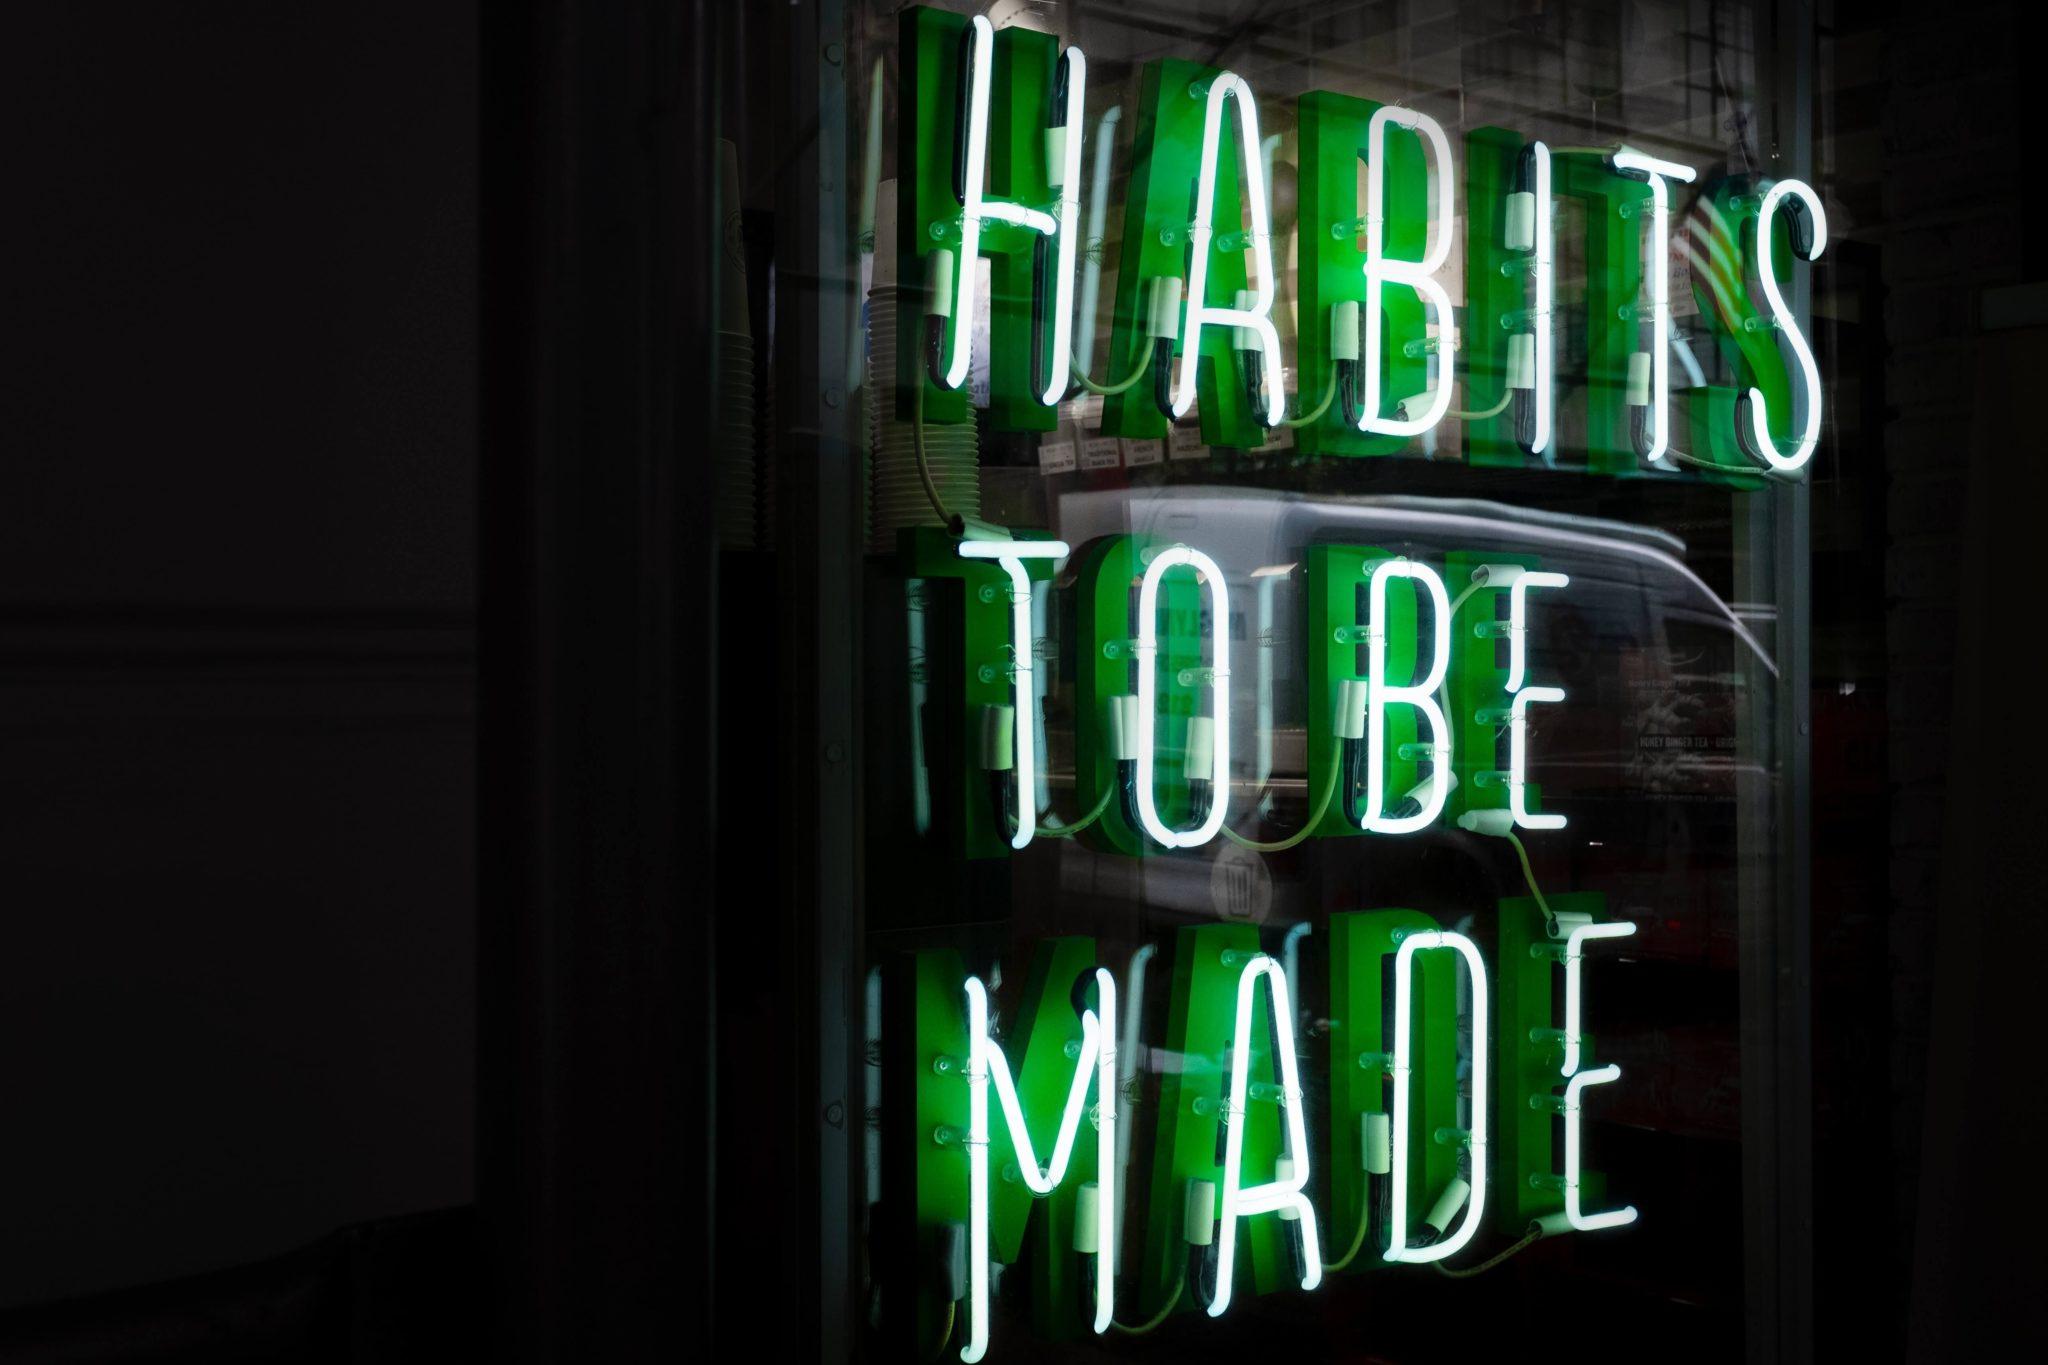 nawyki, tworzenie nawyków, praca z nawykami, działanie, habits to be made, robić nawyki, kształtować nawyki